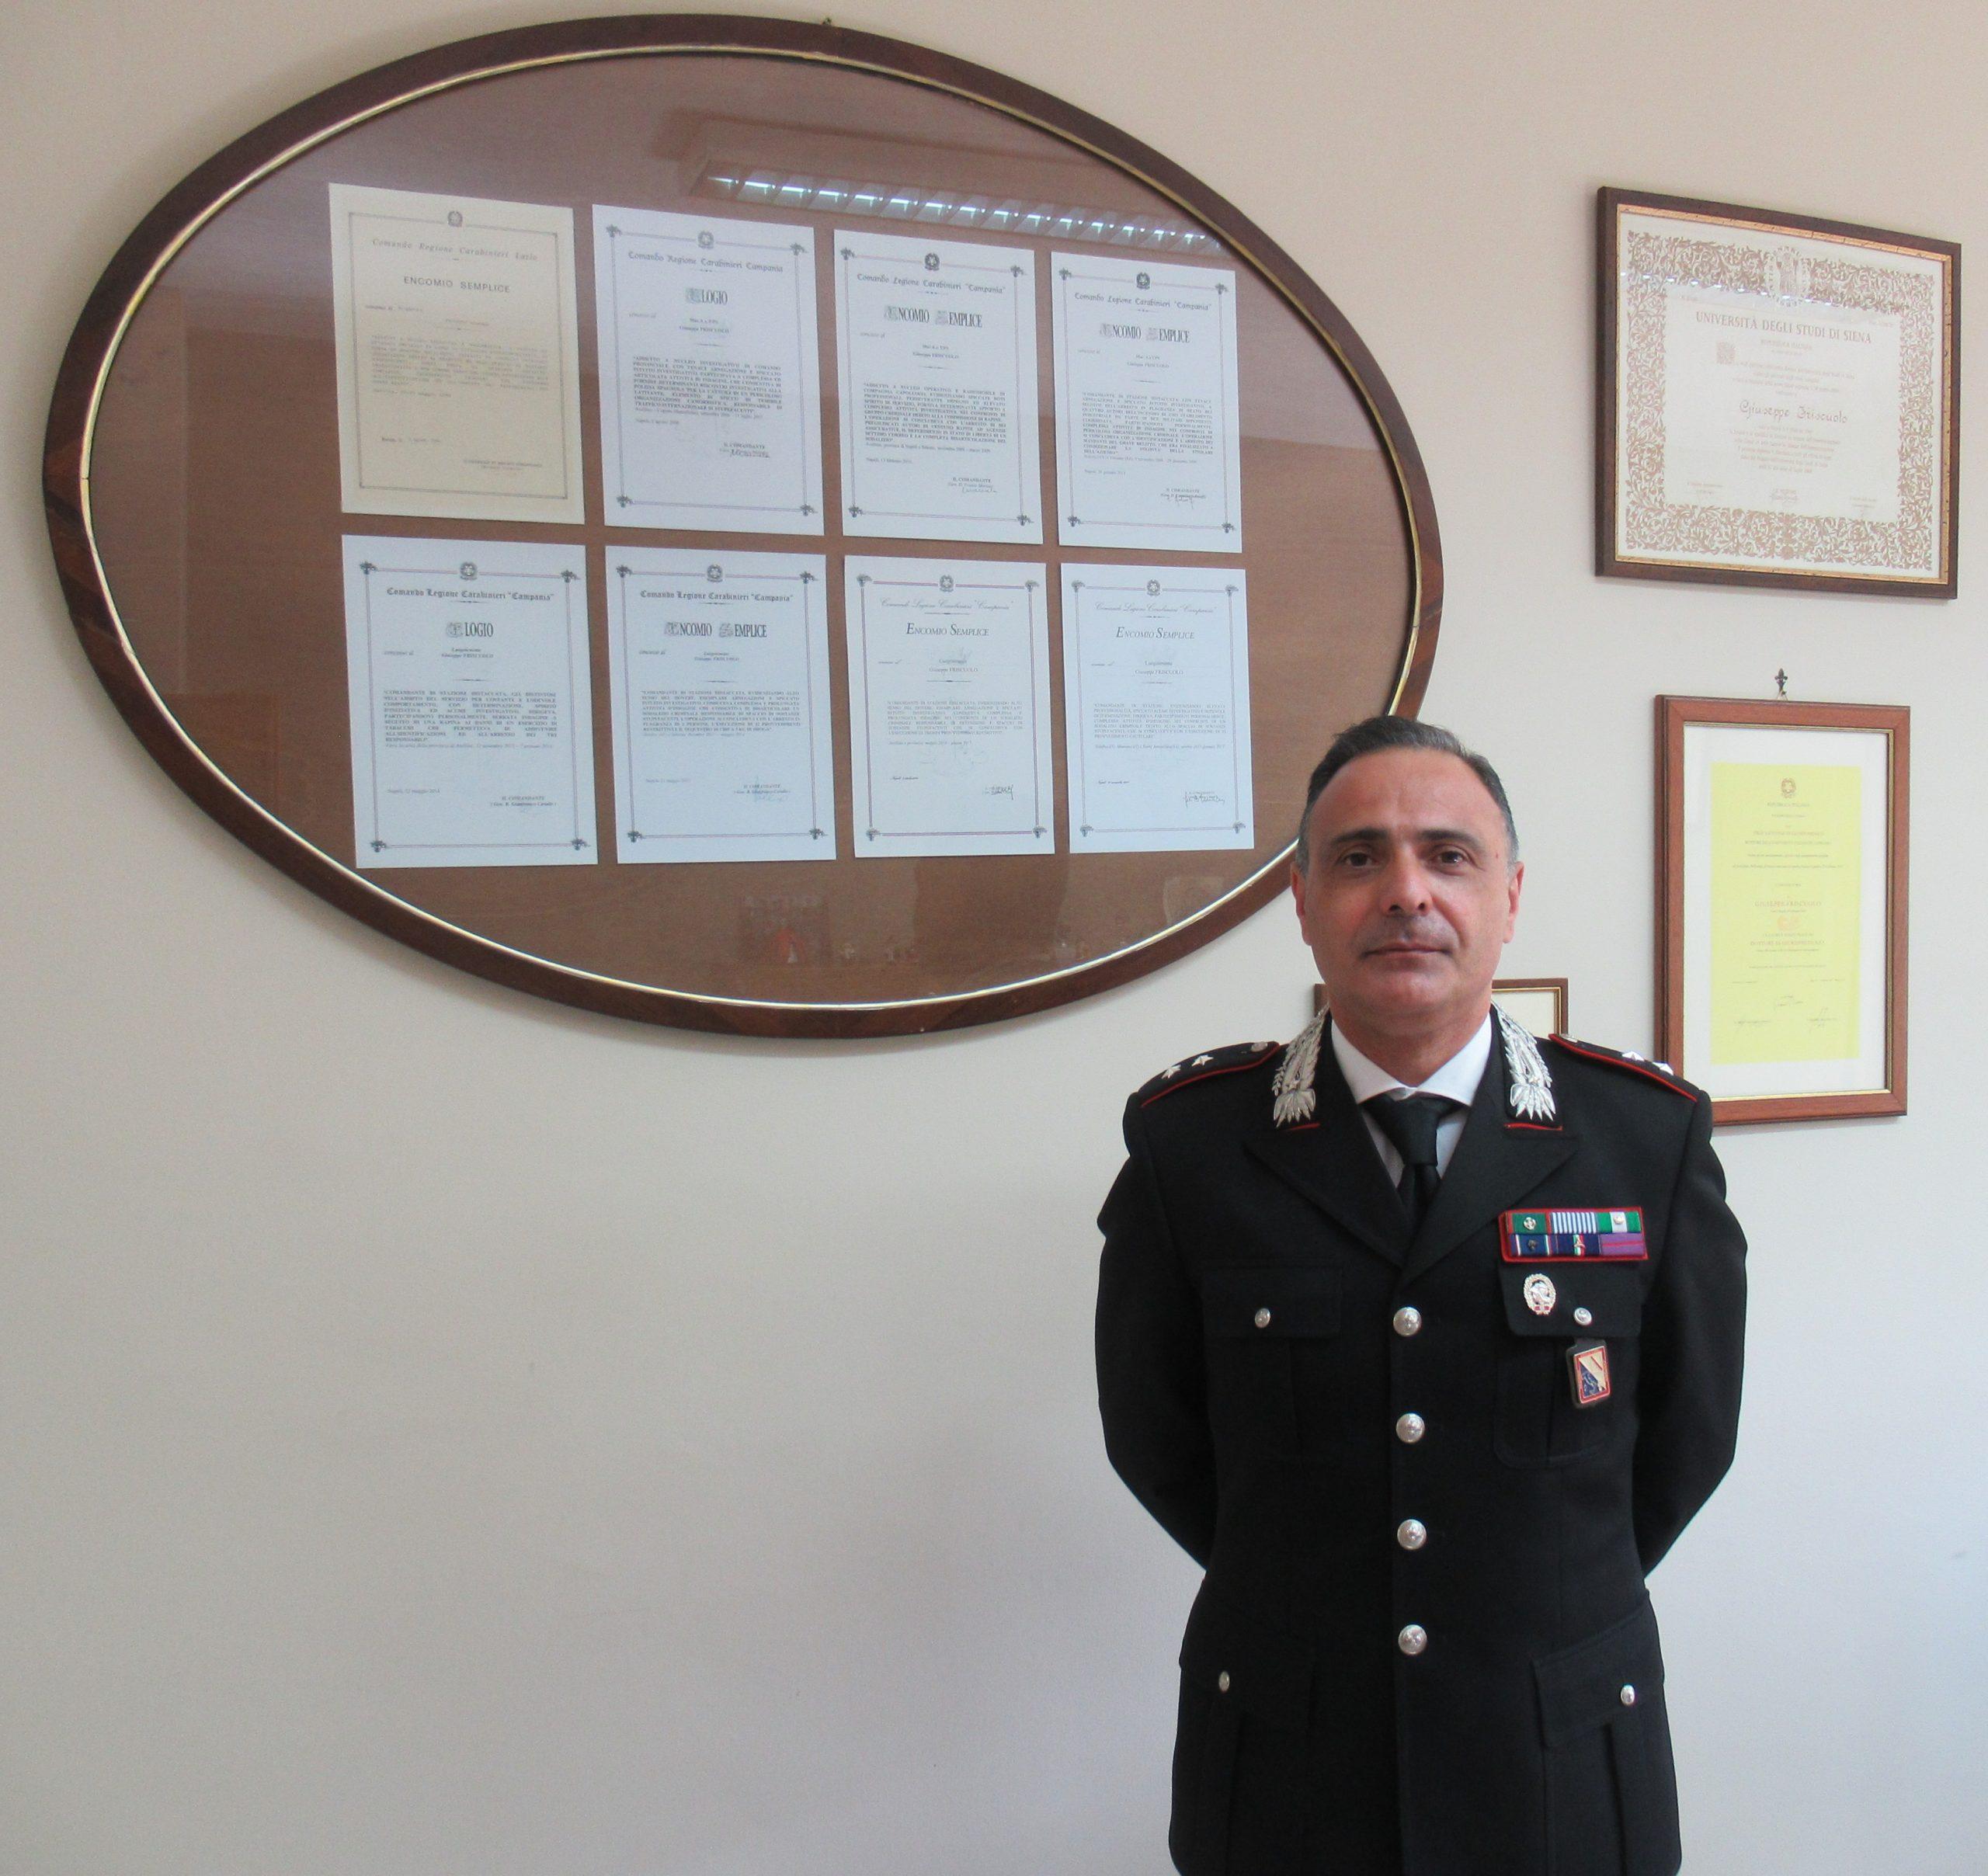 Carabinieri: nuovo comandante del reparto operativo al comando provinciale di benevento.Promossi anche due ufficiali del comando provinciale